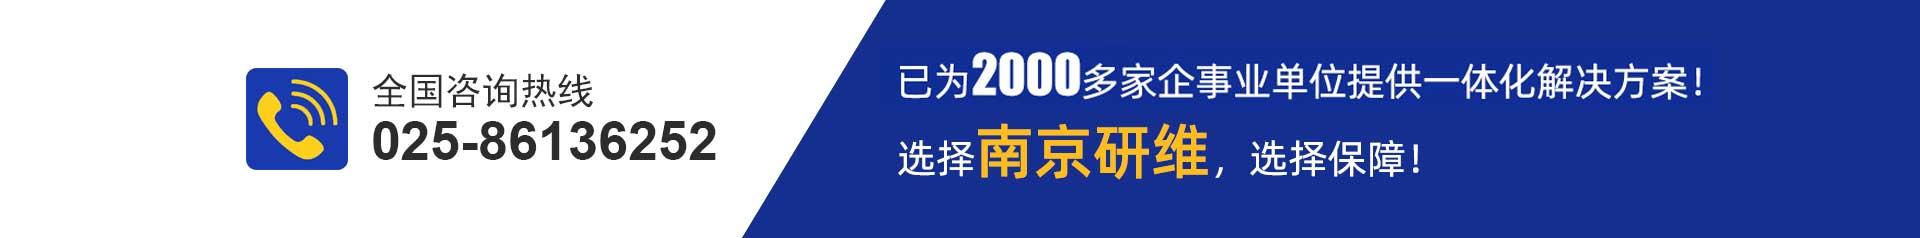 研維已為2000家工業用戶提供完整技術解決方案余士兵,咨詢熱線025-86136252